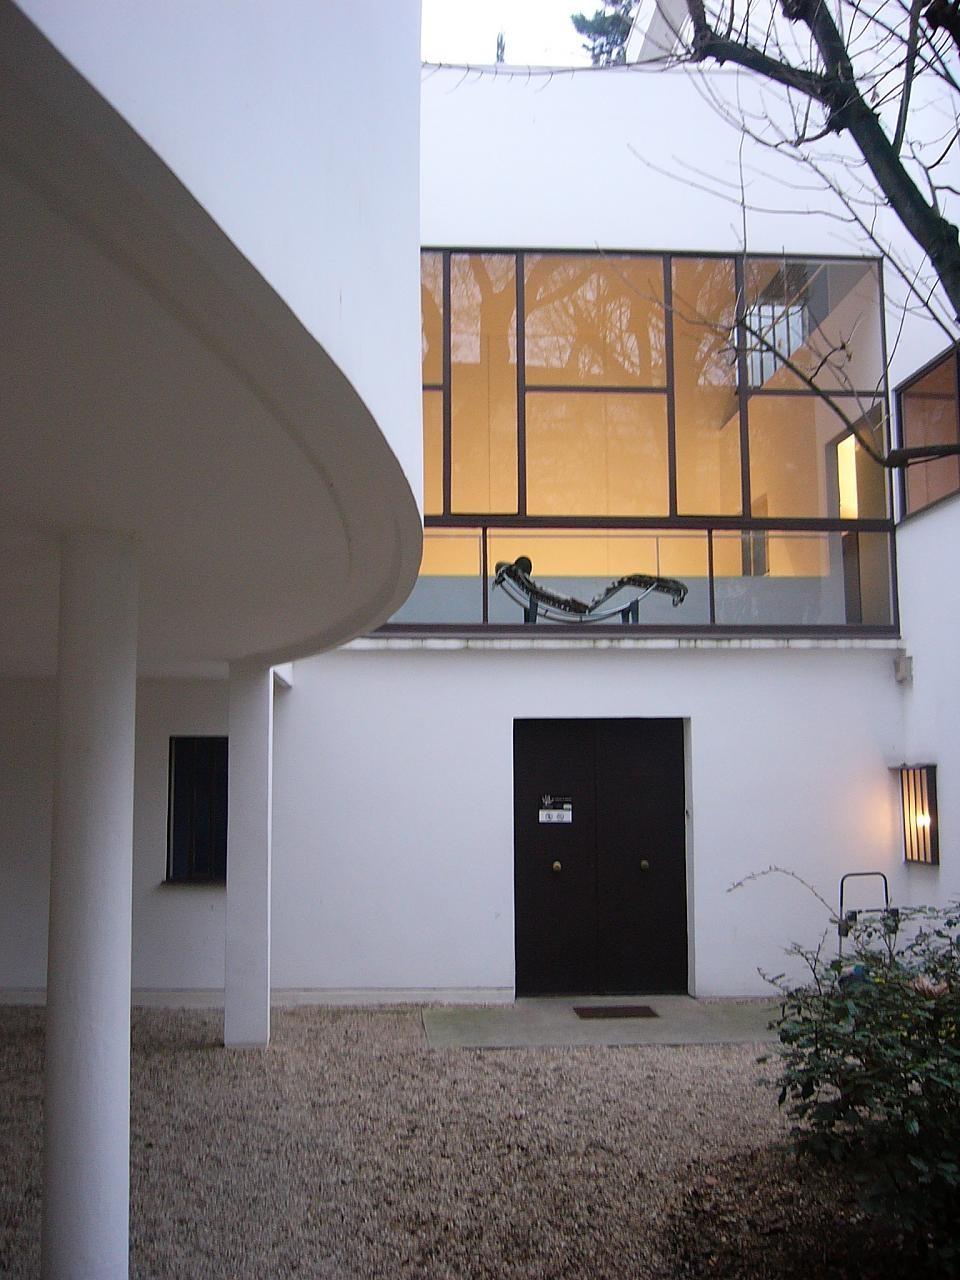 Maison La Roche Corbusier Paris ad classics: villa roche / le corbusier | archdaily